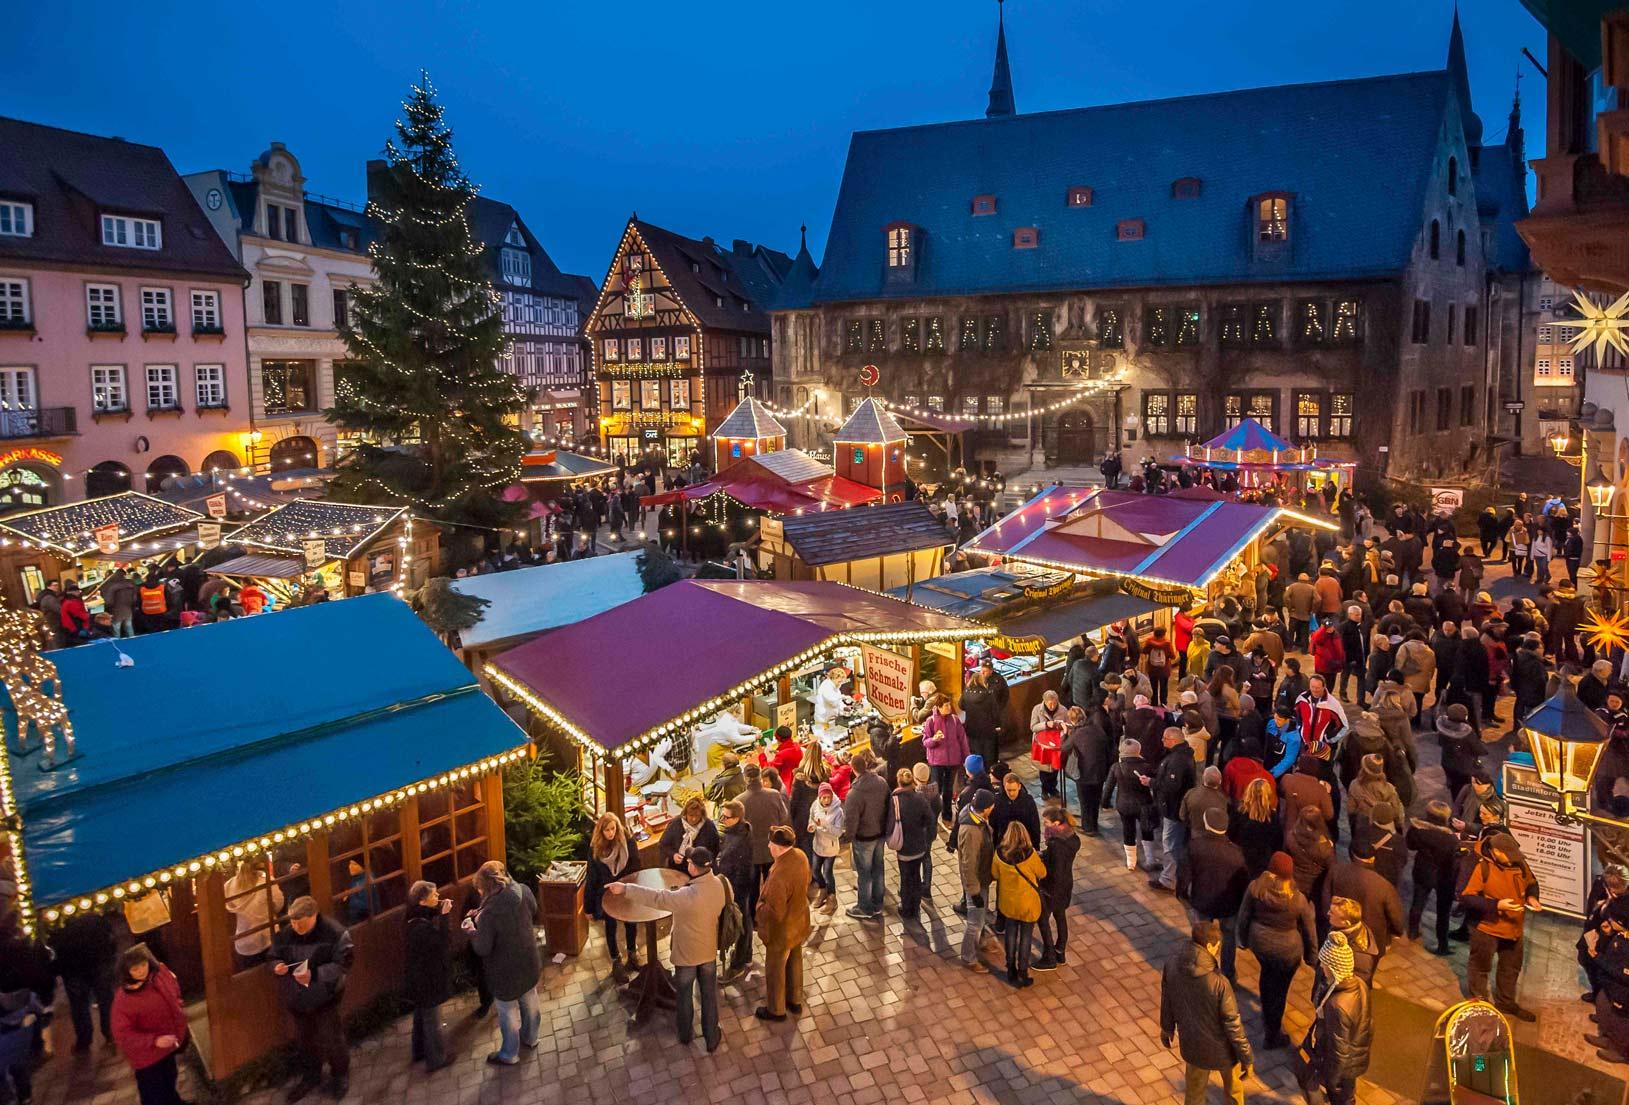 Weihnachtsmarkt © Jürgen Meusel